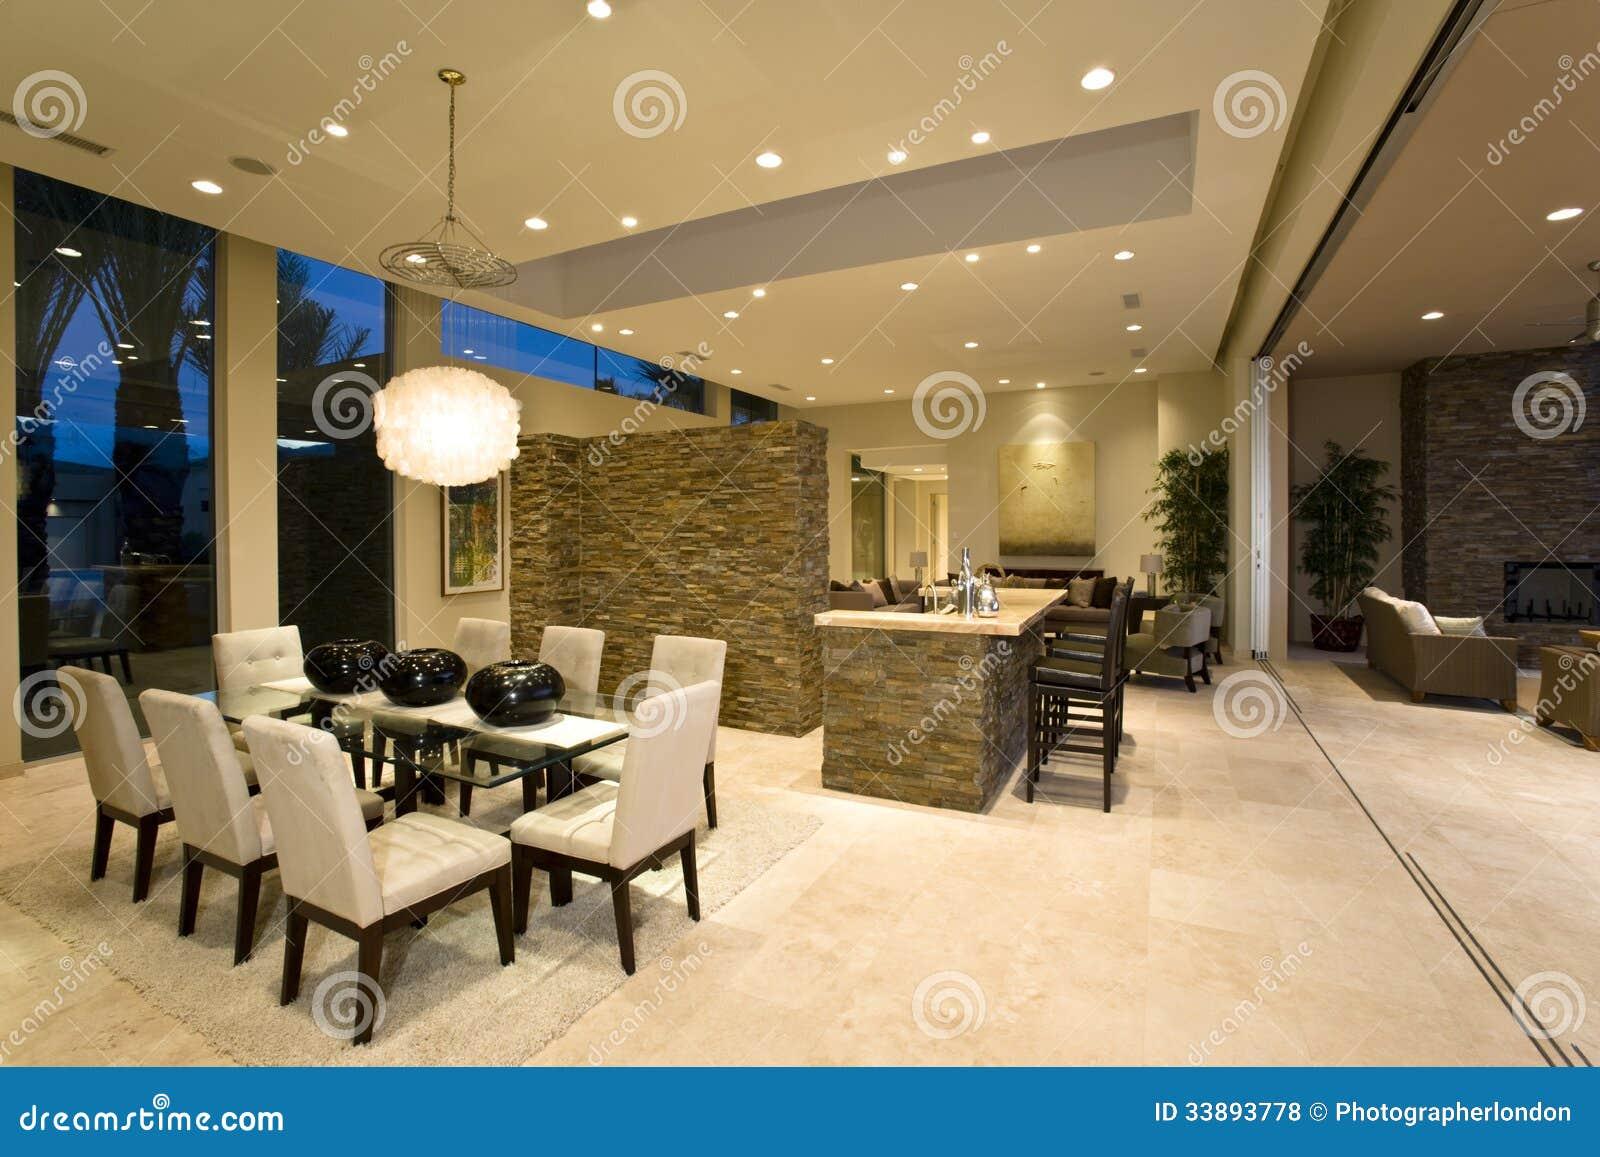 Interieur maison moderne salon cuisine for Interieur de chambre moderne